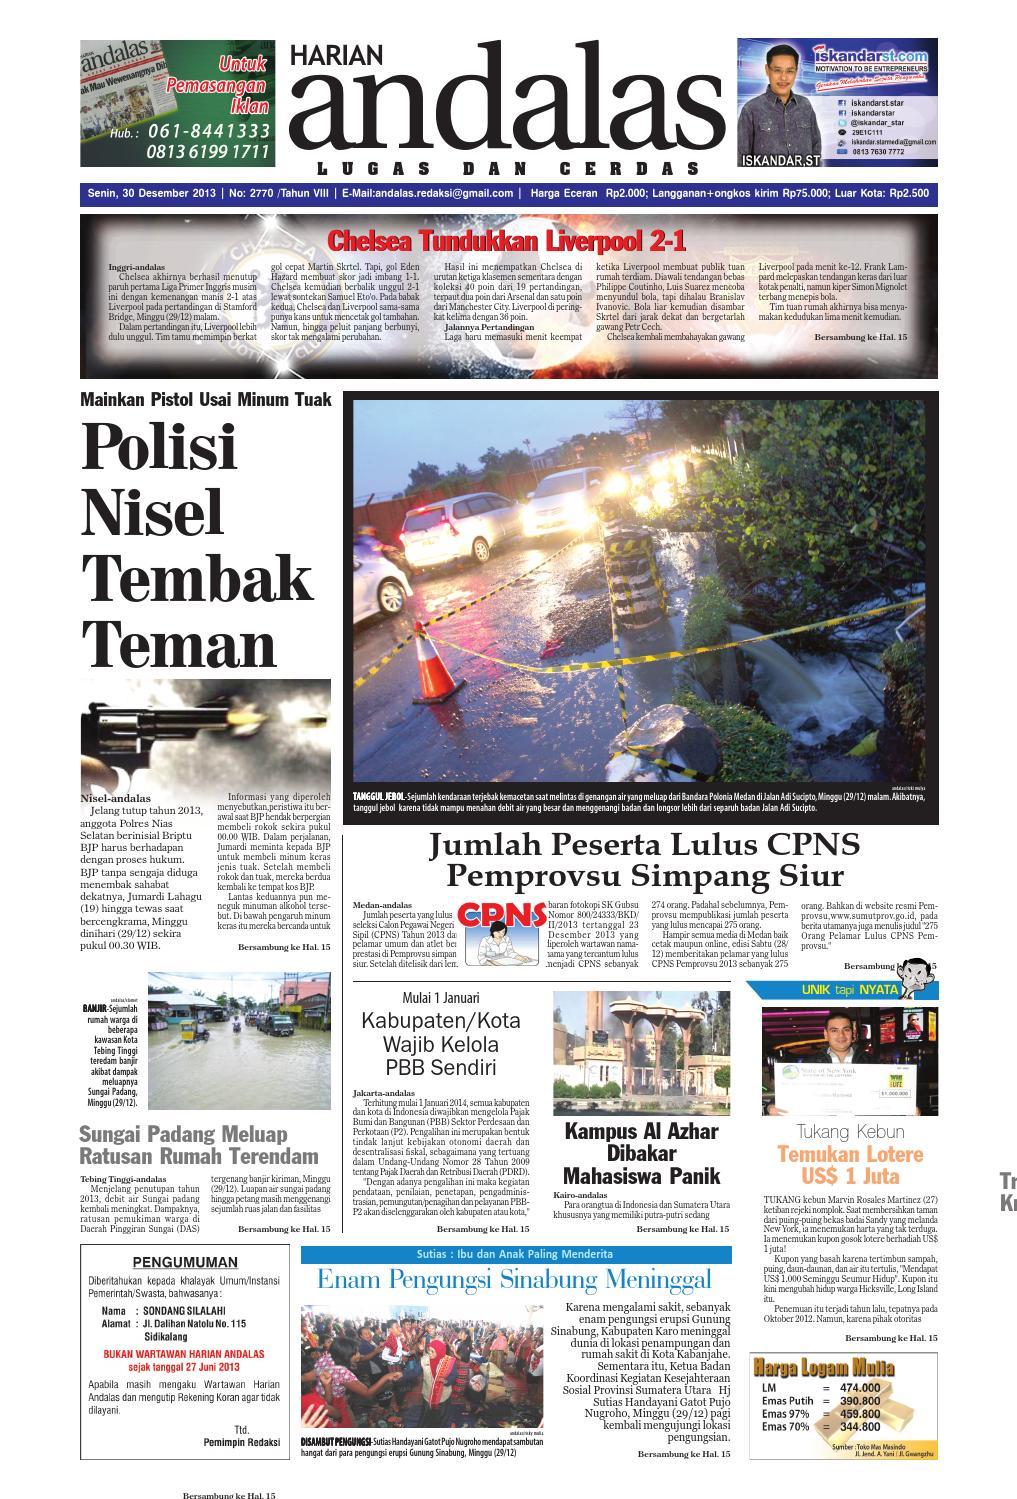 Epaper Andalas Edisi Senin 30 Desember 2013 By Media Andalas